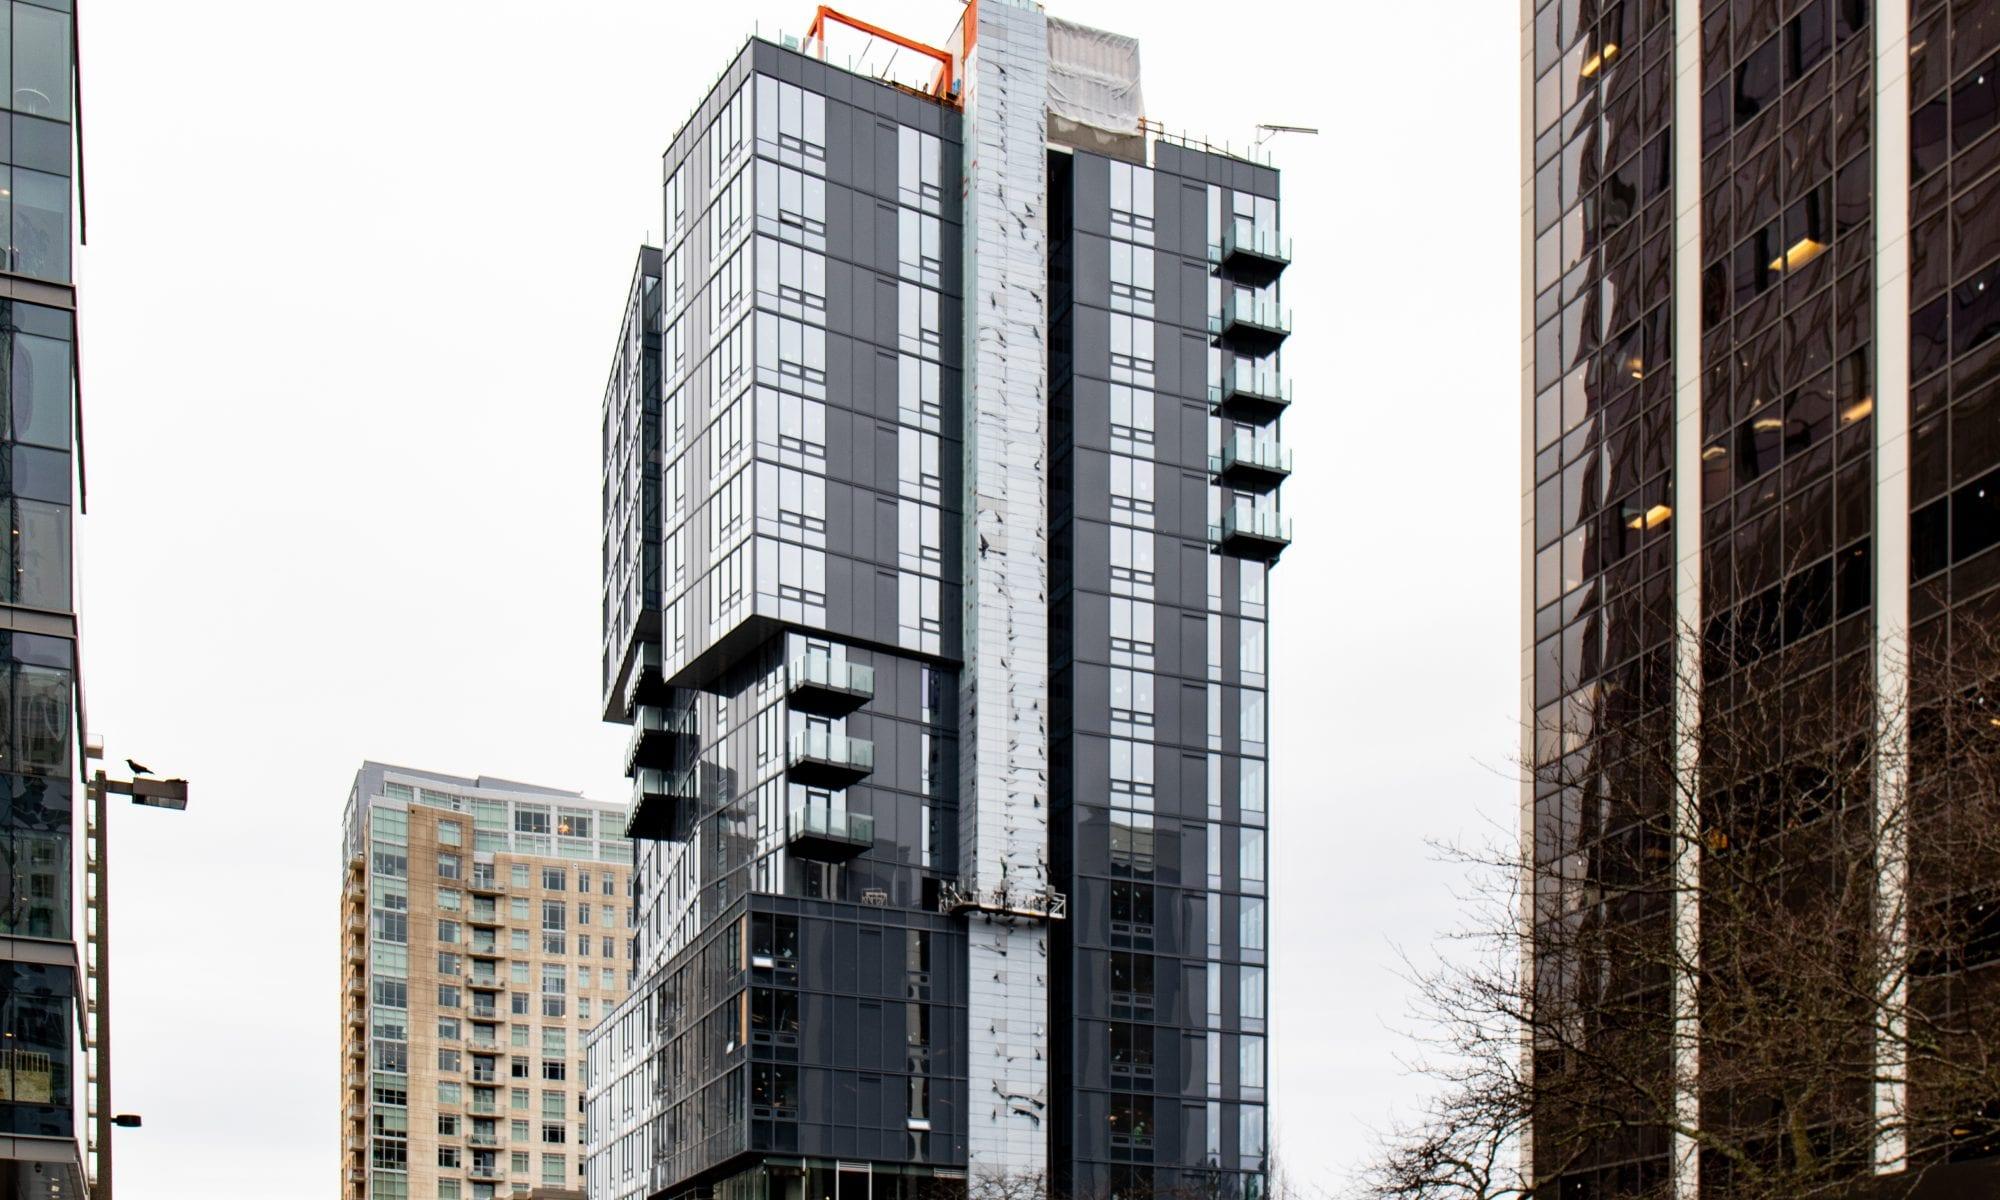 Bellevue Tower